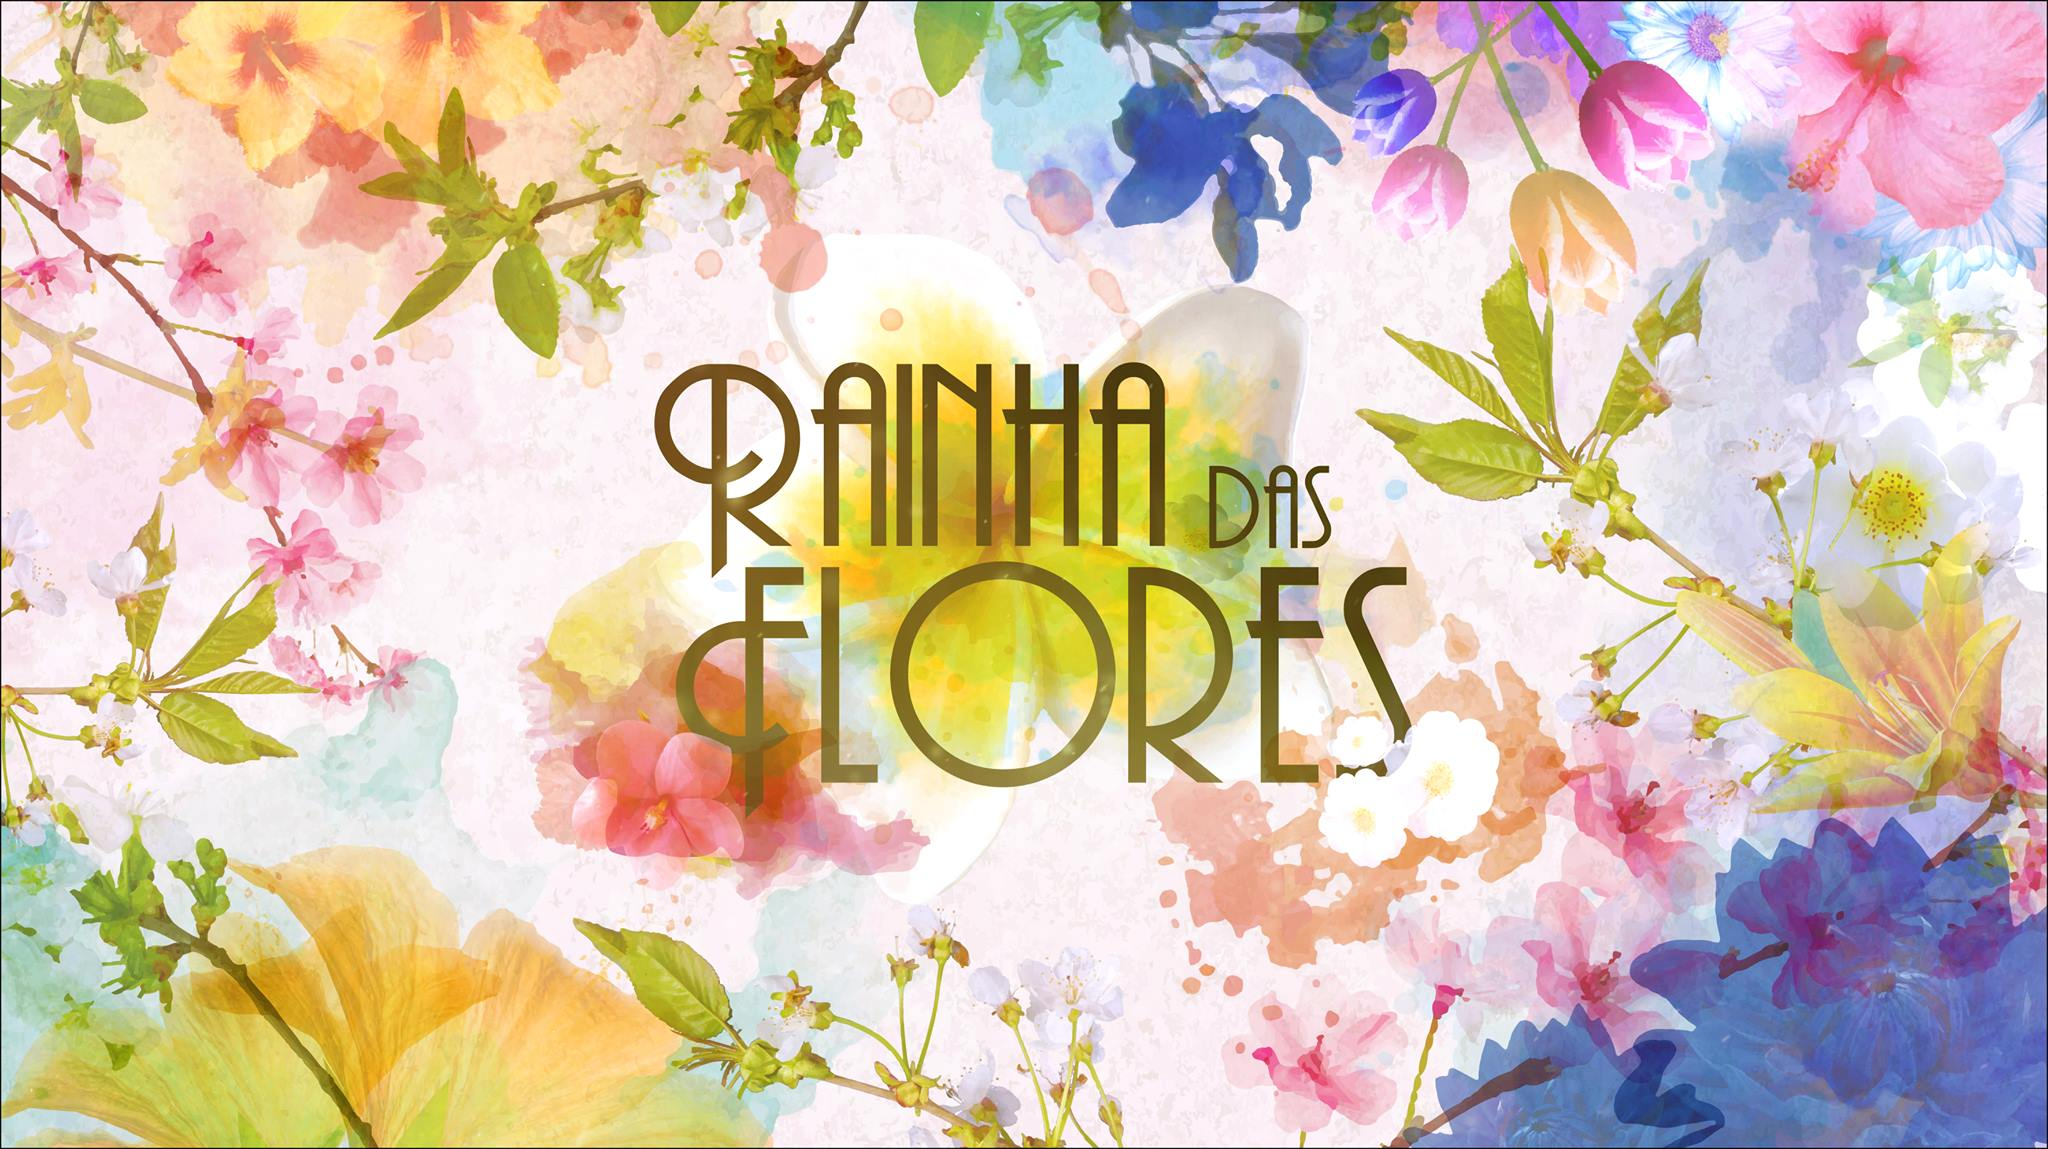 rainha das flores (2)